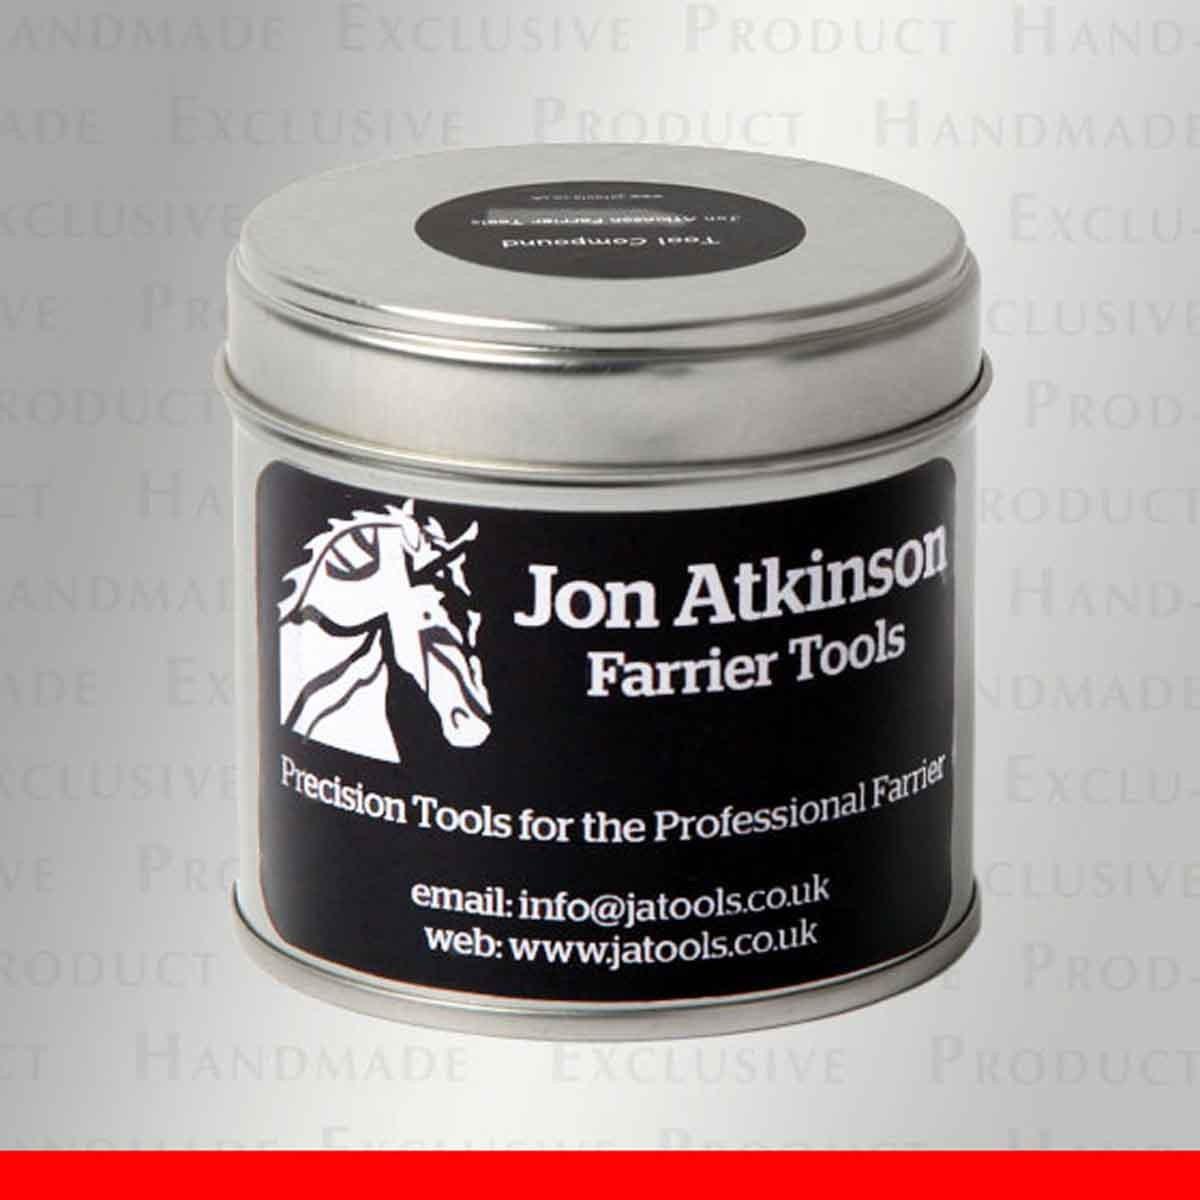 Jon Atkinson kylpasta